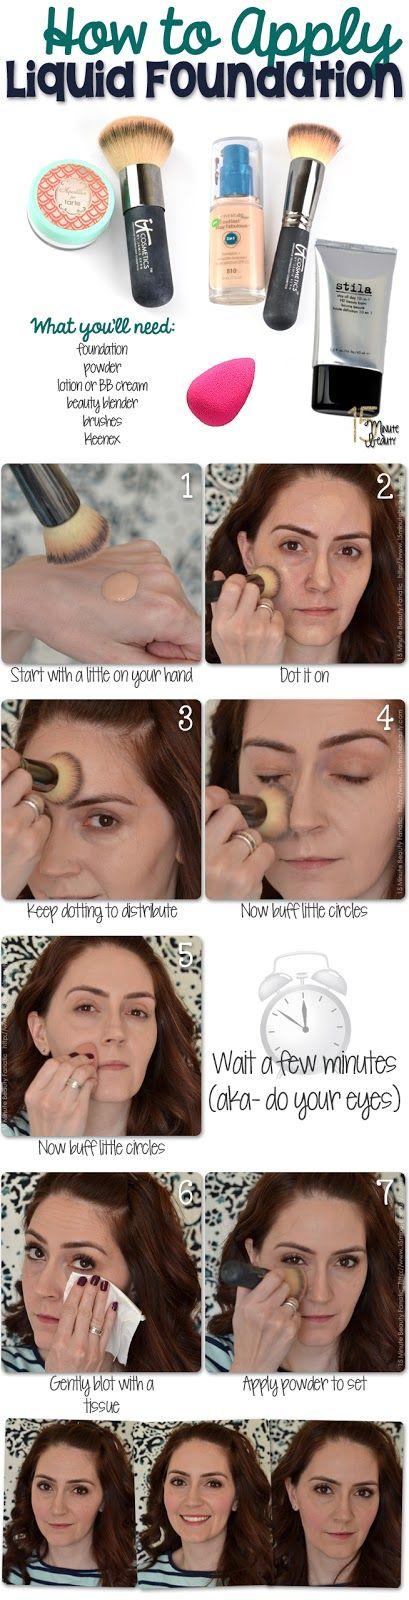 2) Segundo paso: LA BASE. • La base unifica el color de la piel y cubre las imperfecciones. • En el mercado existe una gran variedad de bases para cada tipo de piel.